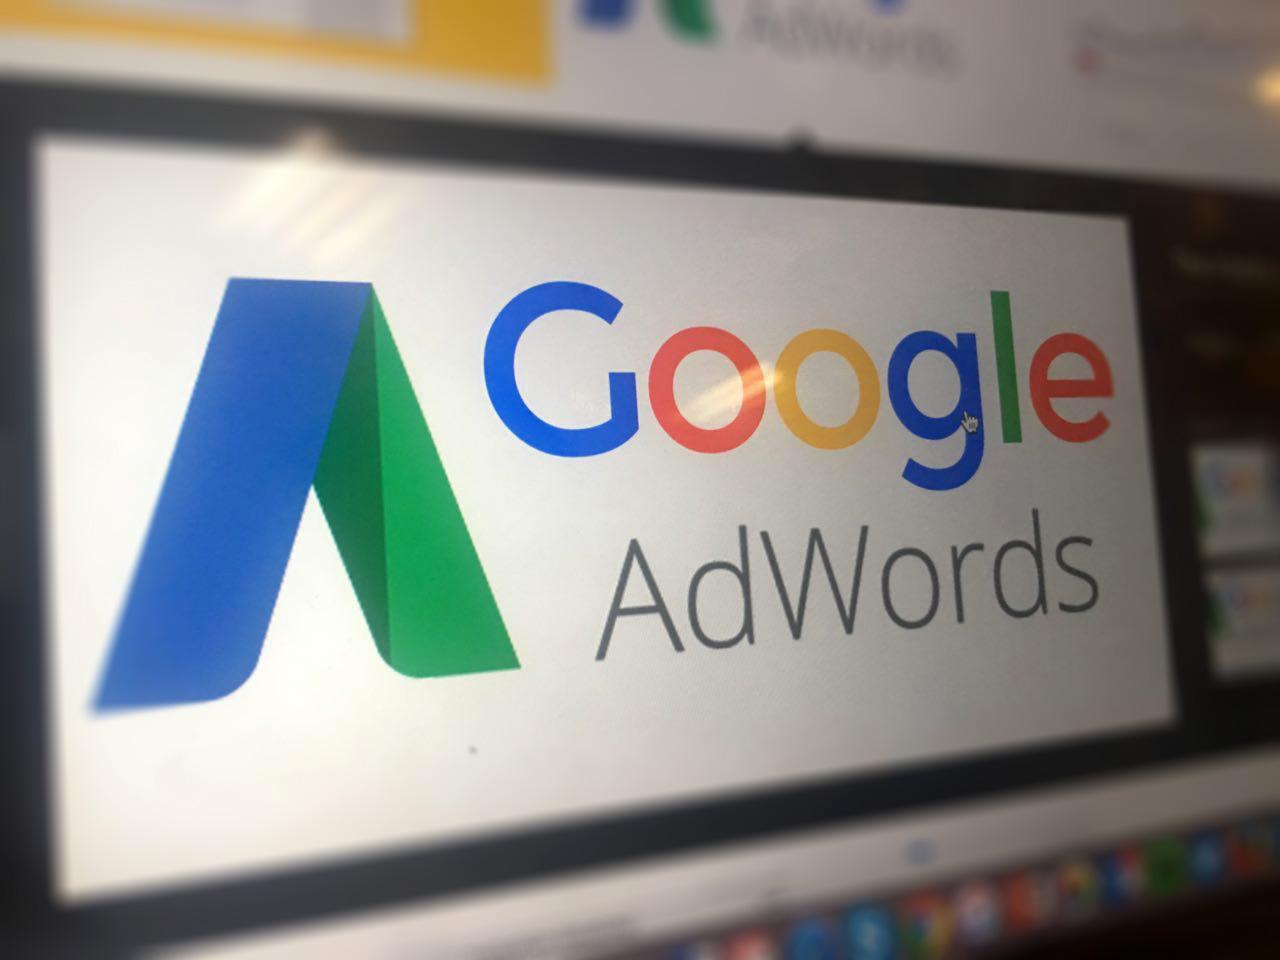 Перевод: 8 секретов AdWords, которые вам никогда не откроет Google